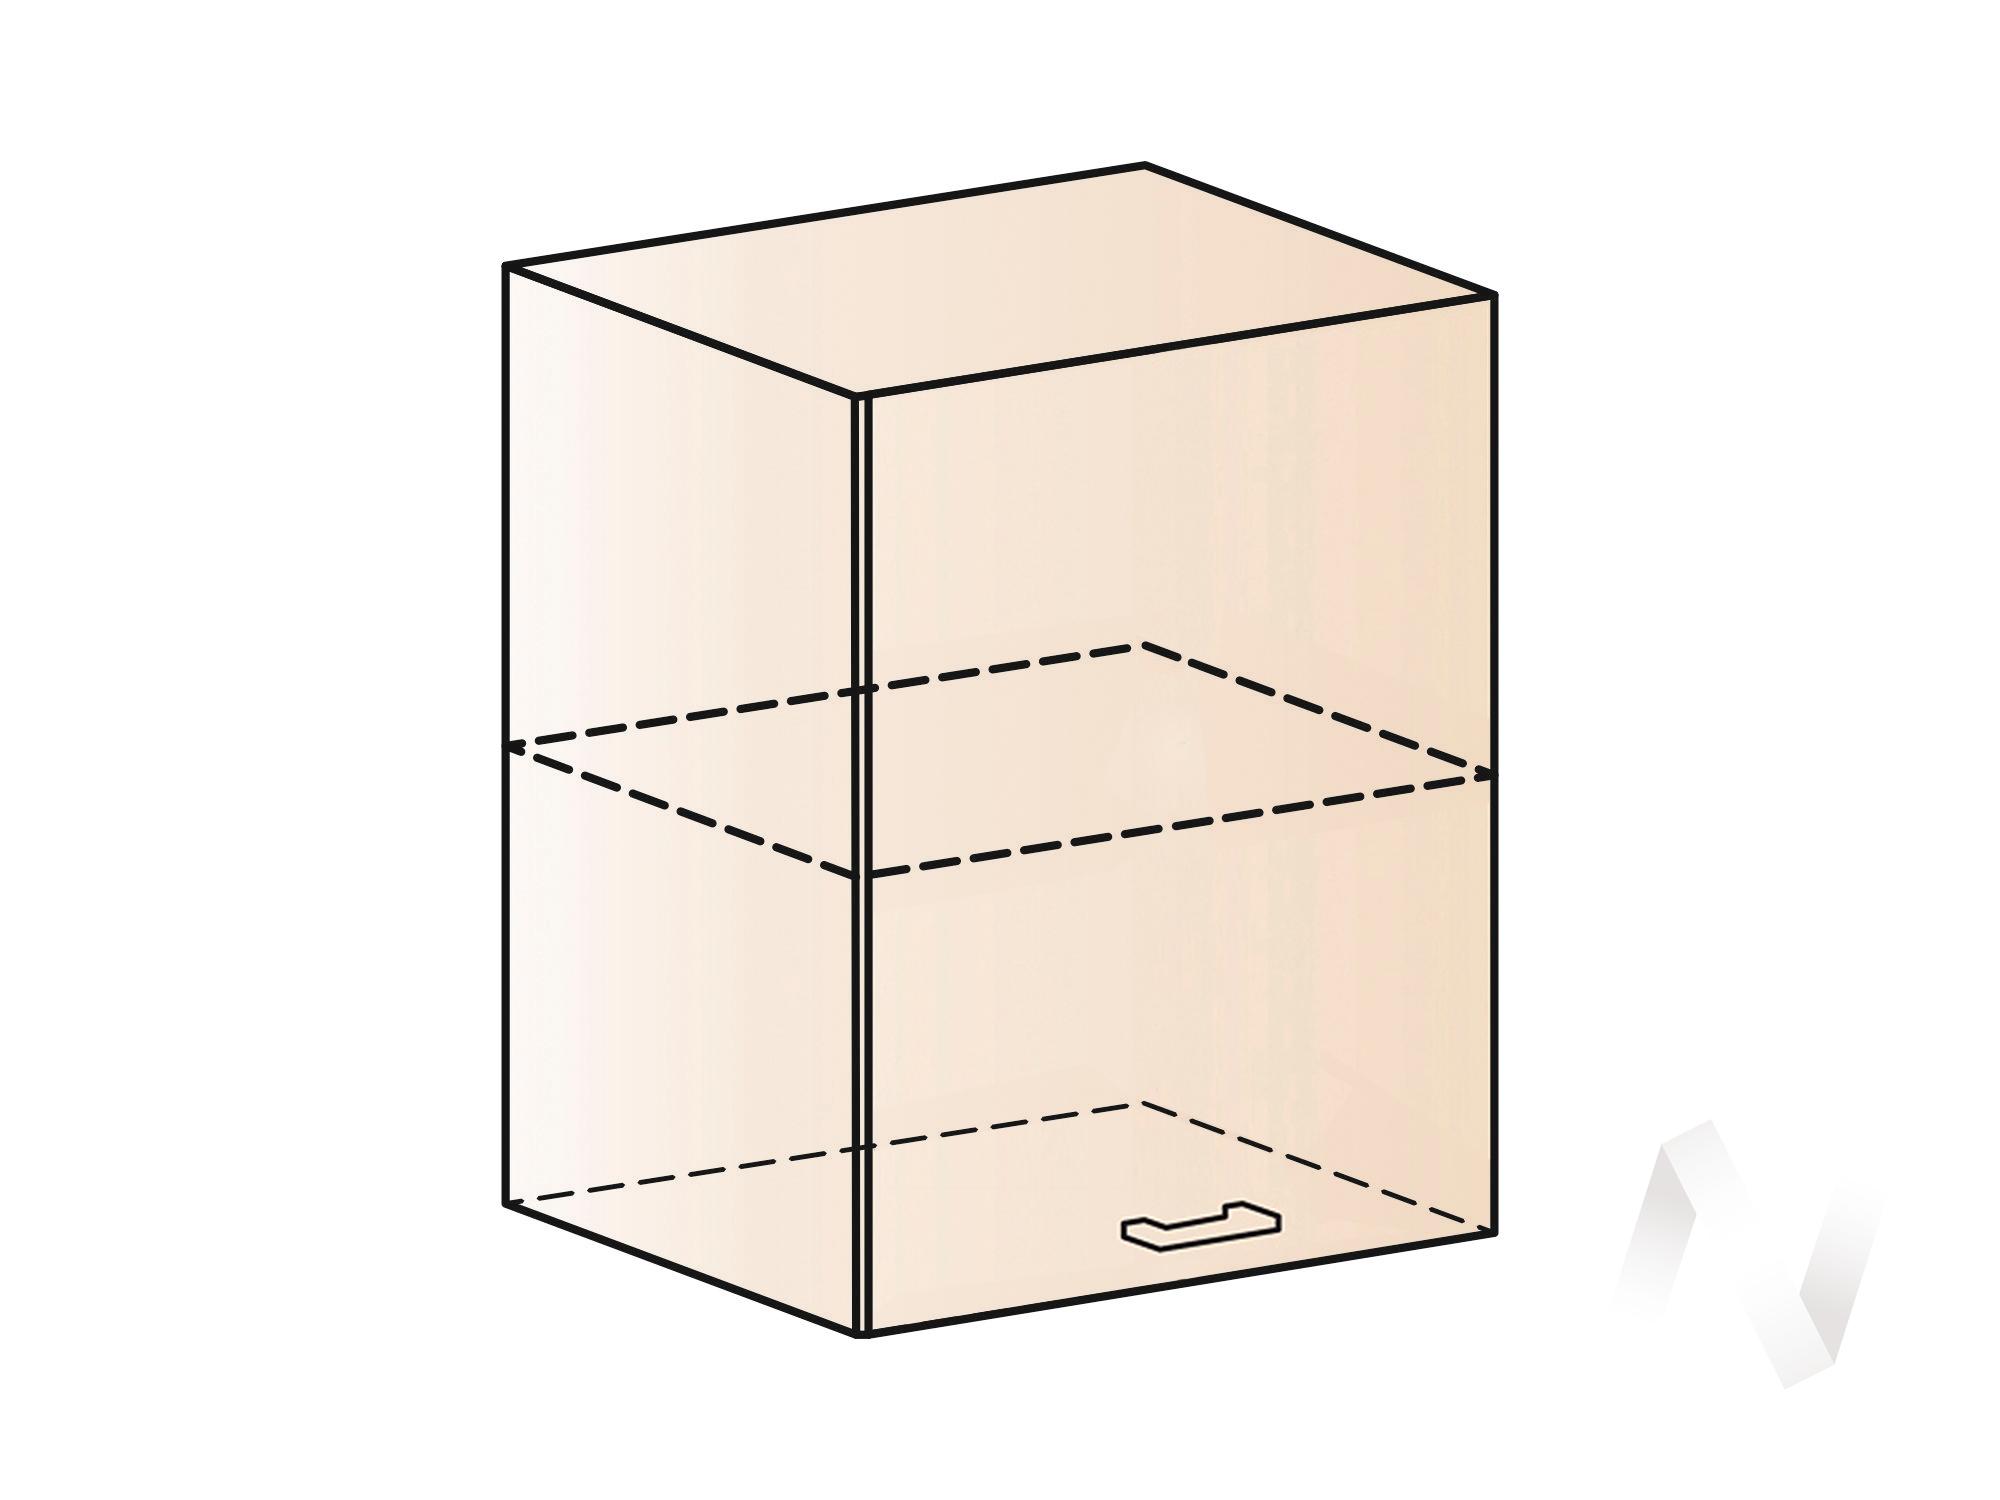 """Кухня """"Валерия-М"""": Шкаф верхний с одной дверью 600, ШВ 600 (лайм глянец/корпус белый)"""